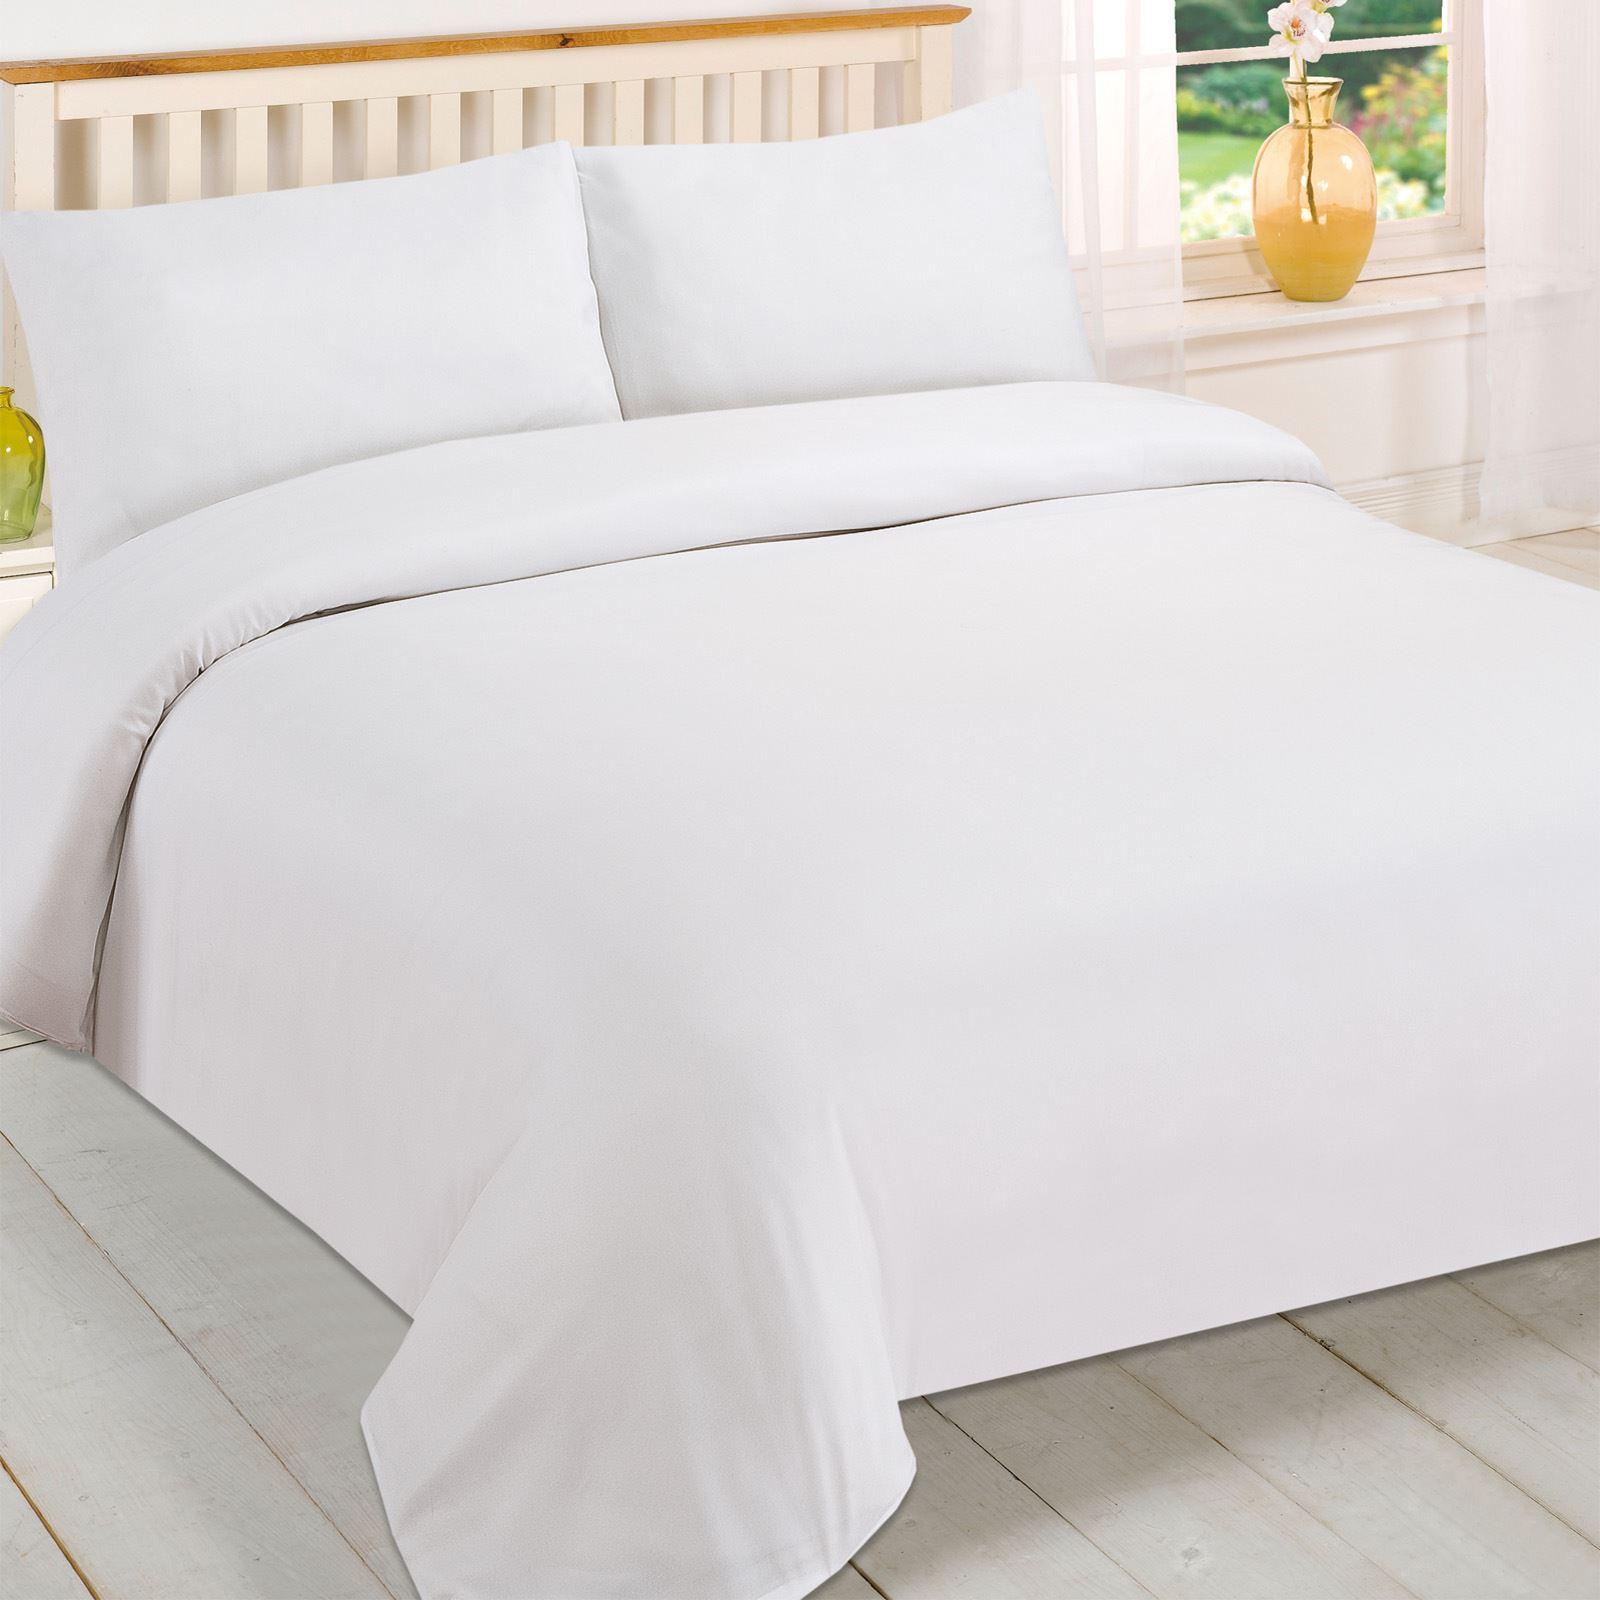 Brentfords Plain White Duvet Cover And Pillowcase Bedding Set Single Double King Ebay